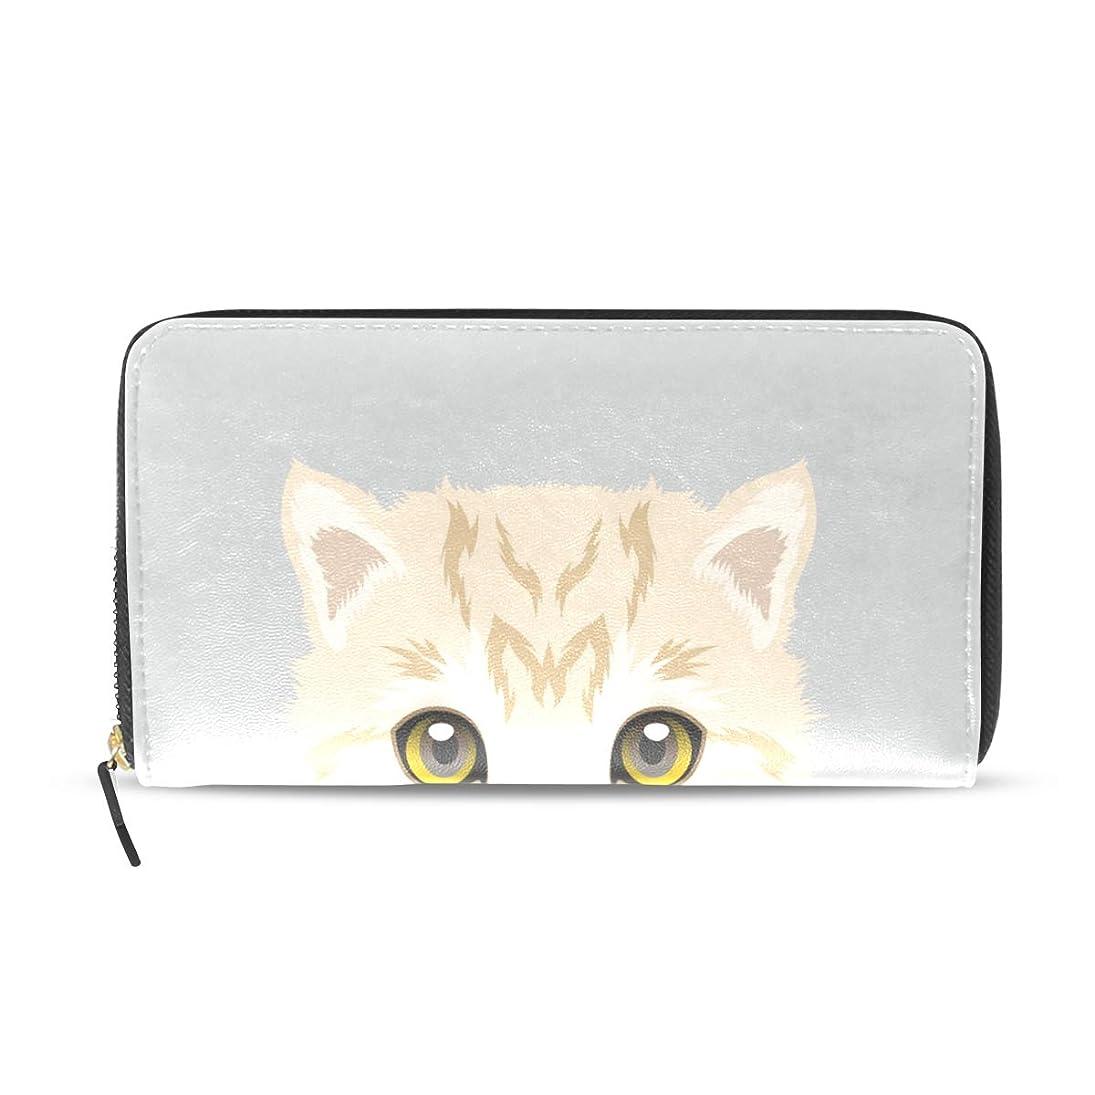 抑圧する予算グリル旅立の店 長財布 人気 レディース メンズ 大容量多機能 二つ折り ラウンドファスナー PUレザー 漫画 猫柄 可愛い ウォレット ブラック